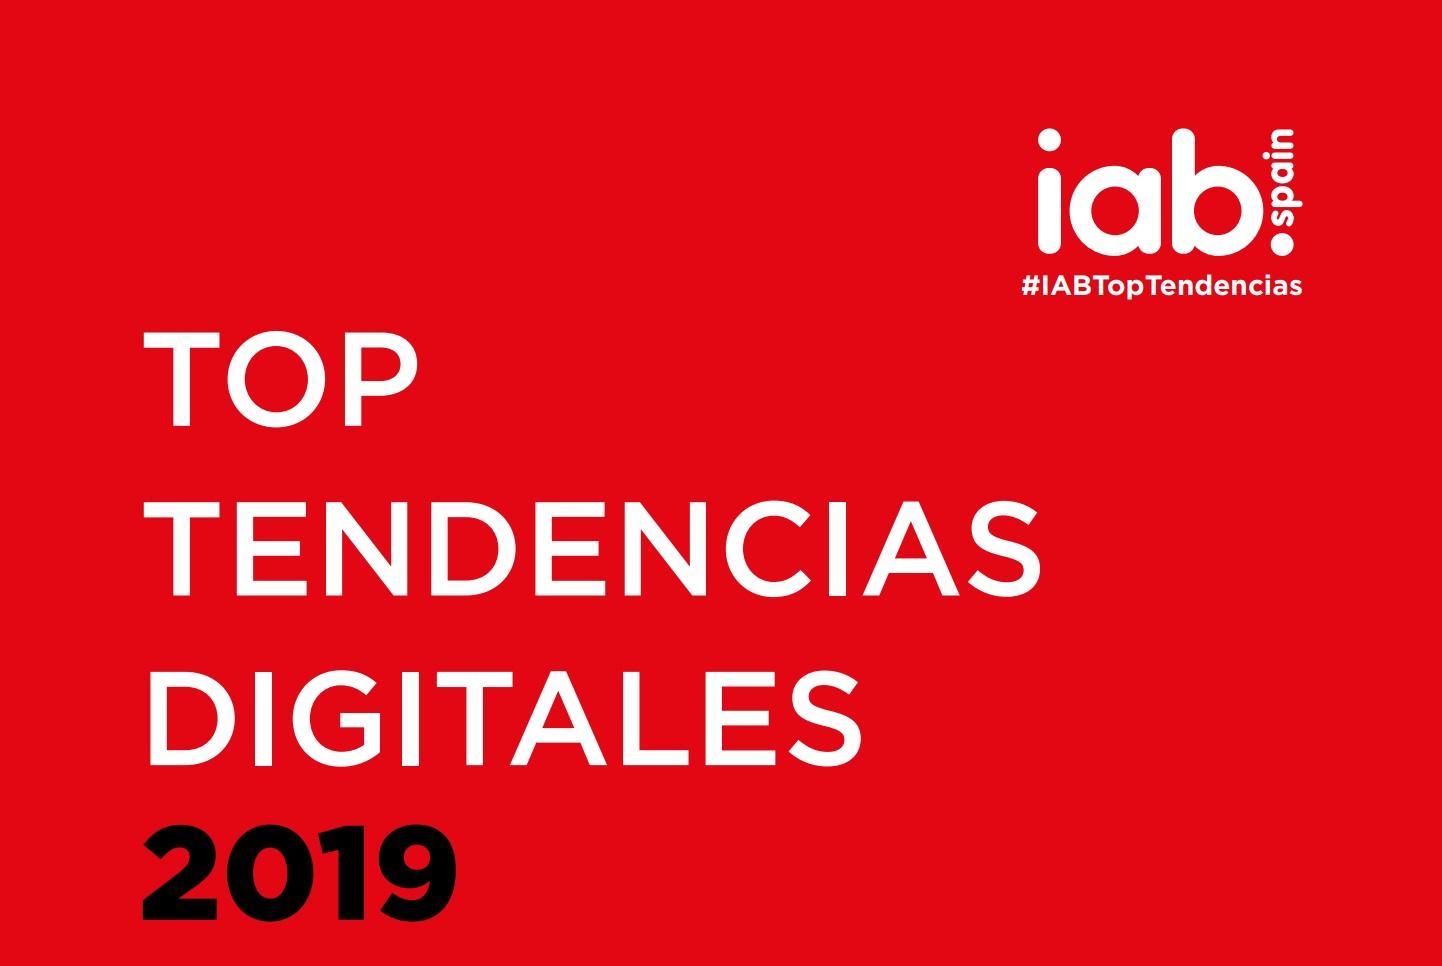 IAB Spain presenta las #IABTopTendencias19 de 2019 - El Programa de la Publicidad